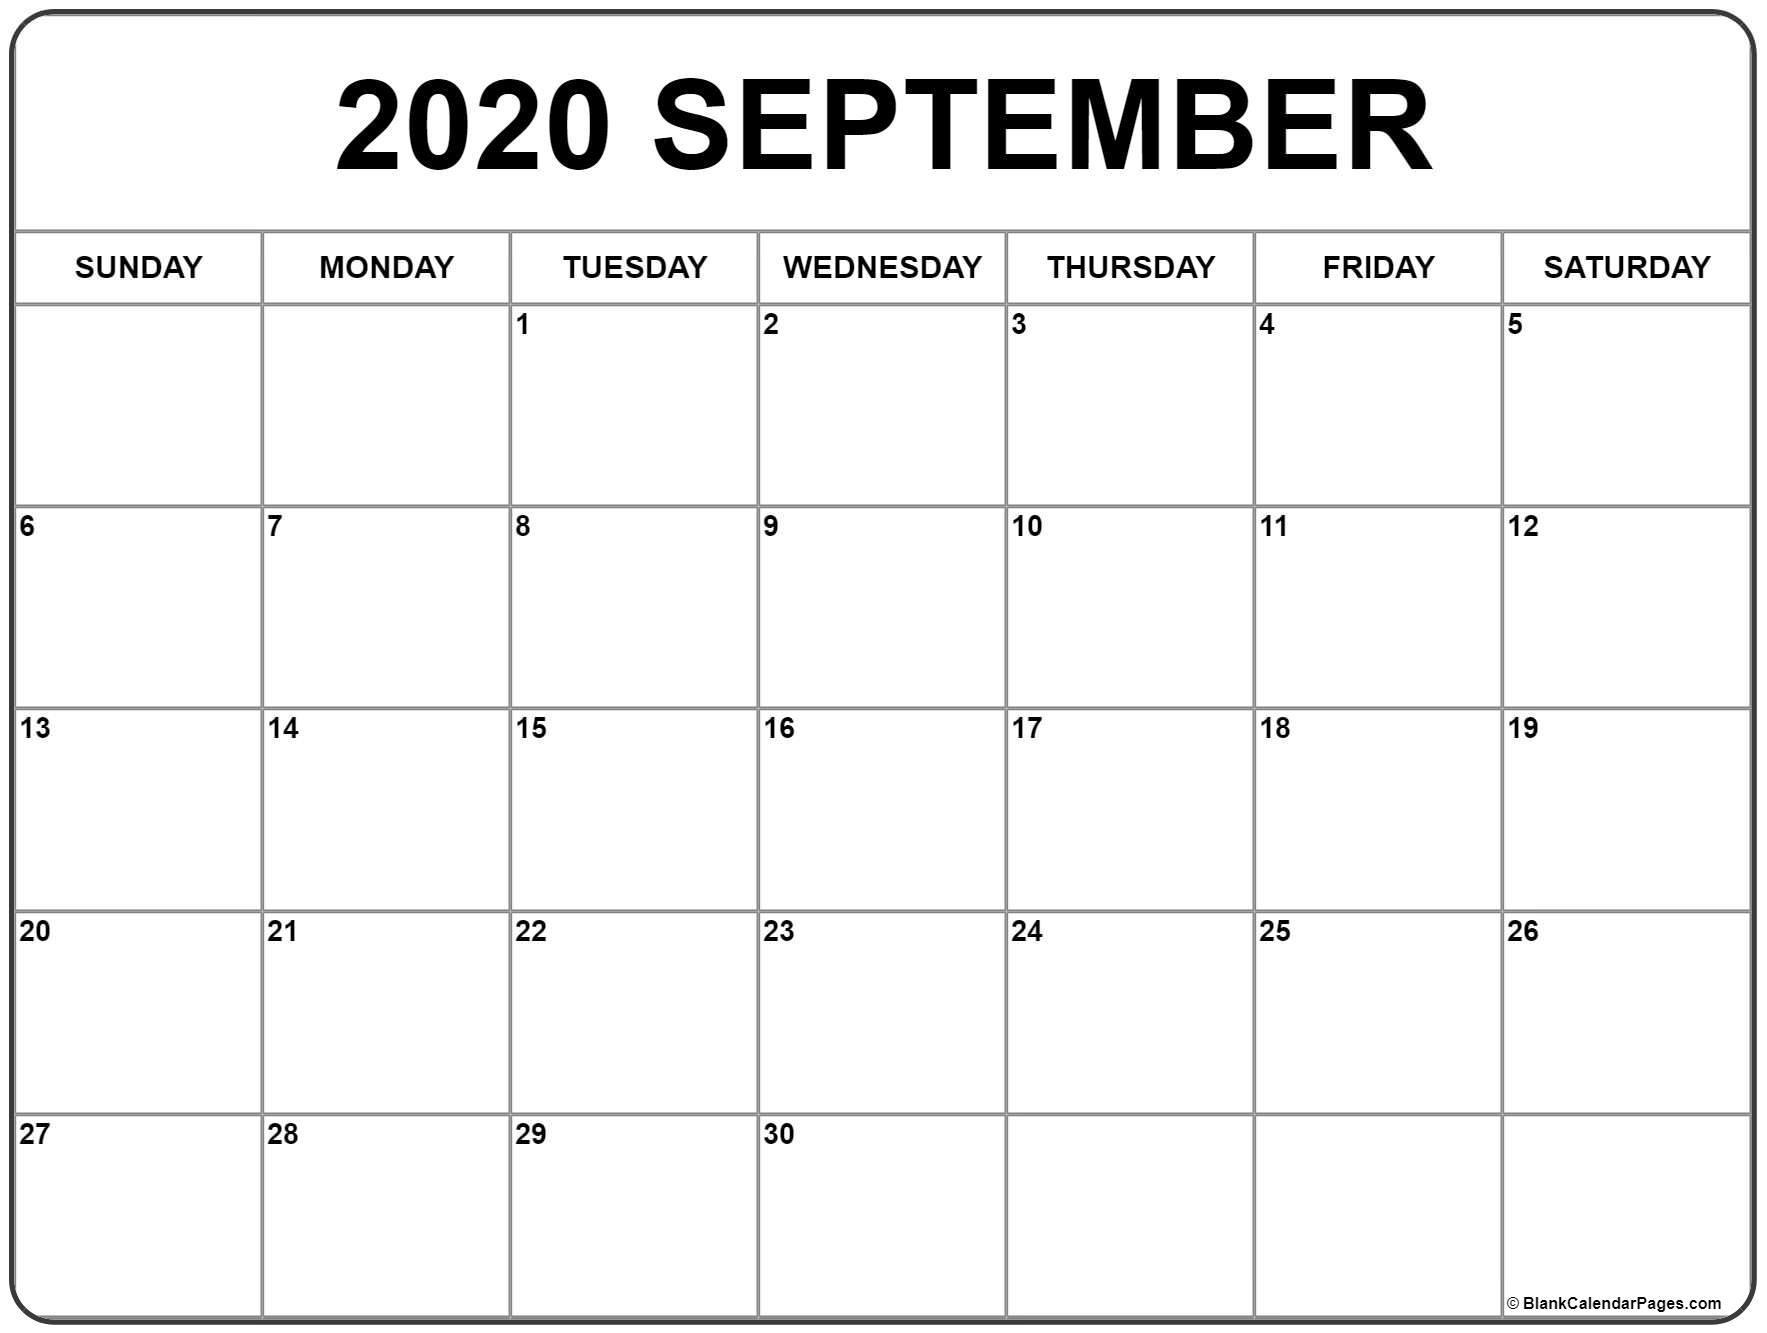 September 2020 Calendar | Free Printable Monthly Calendars pertaining to September Blank Calendar